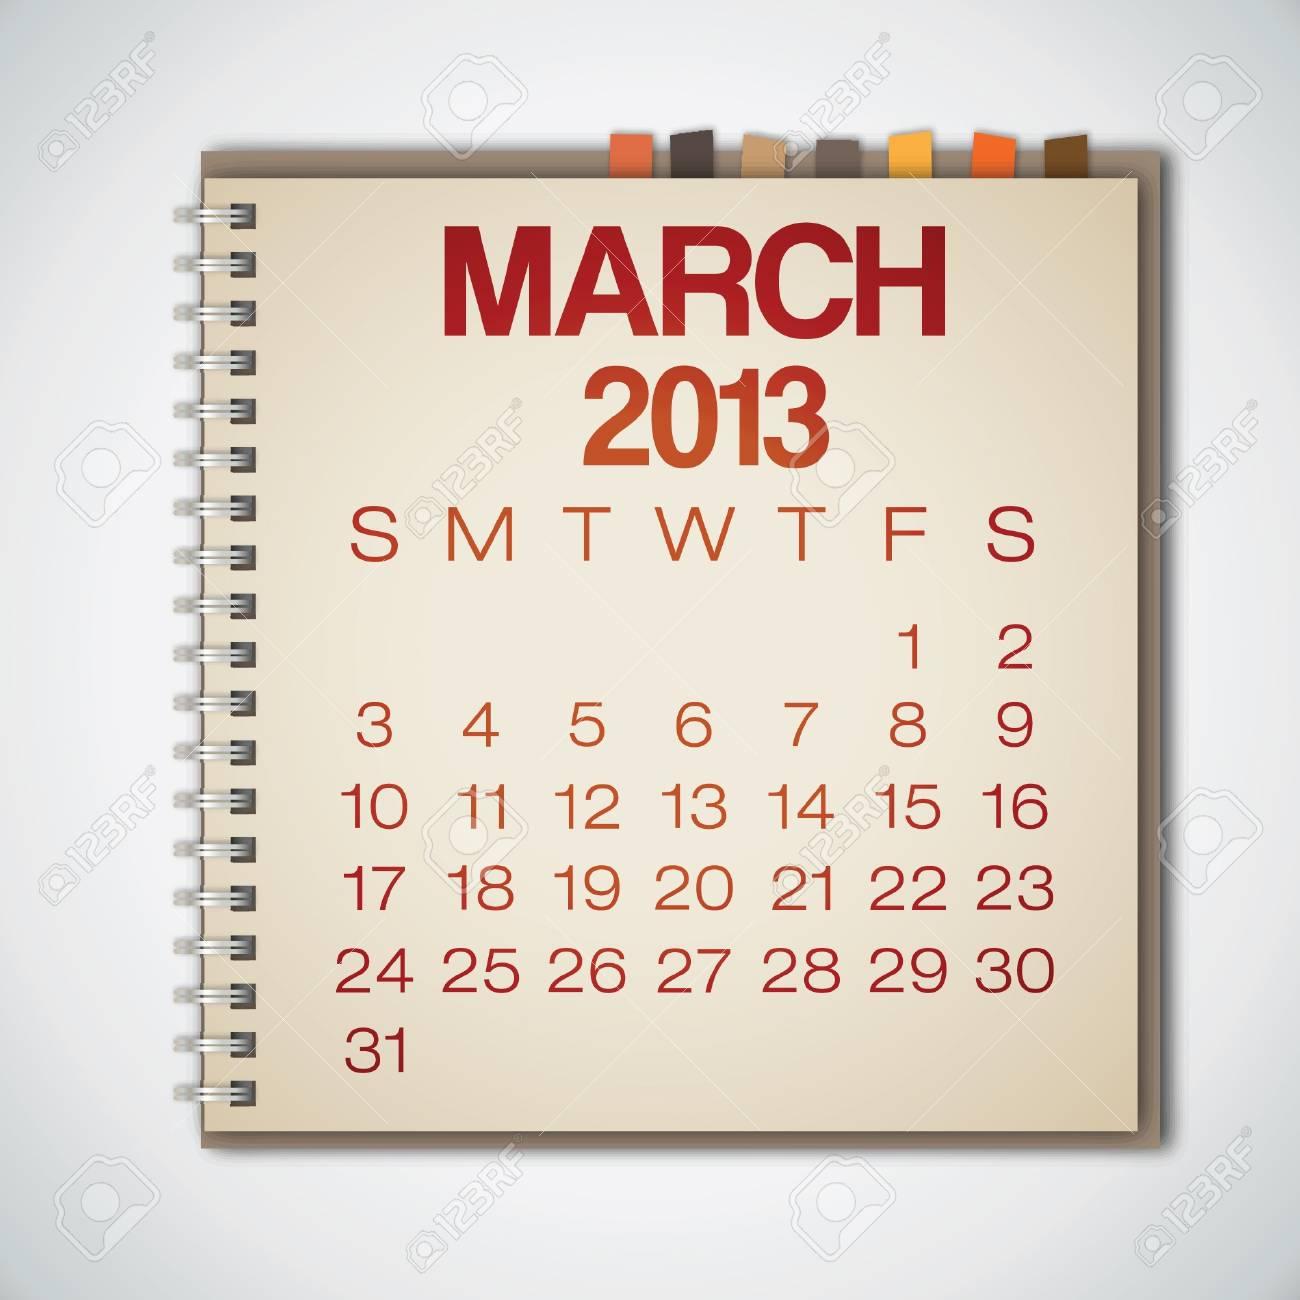 2013 Calendar March Notebook Vector Stock Vector - 16173389